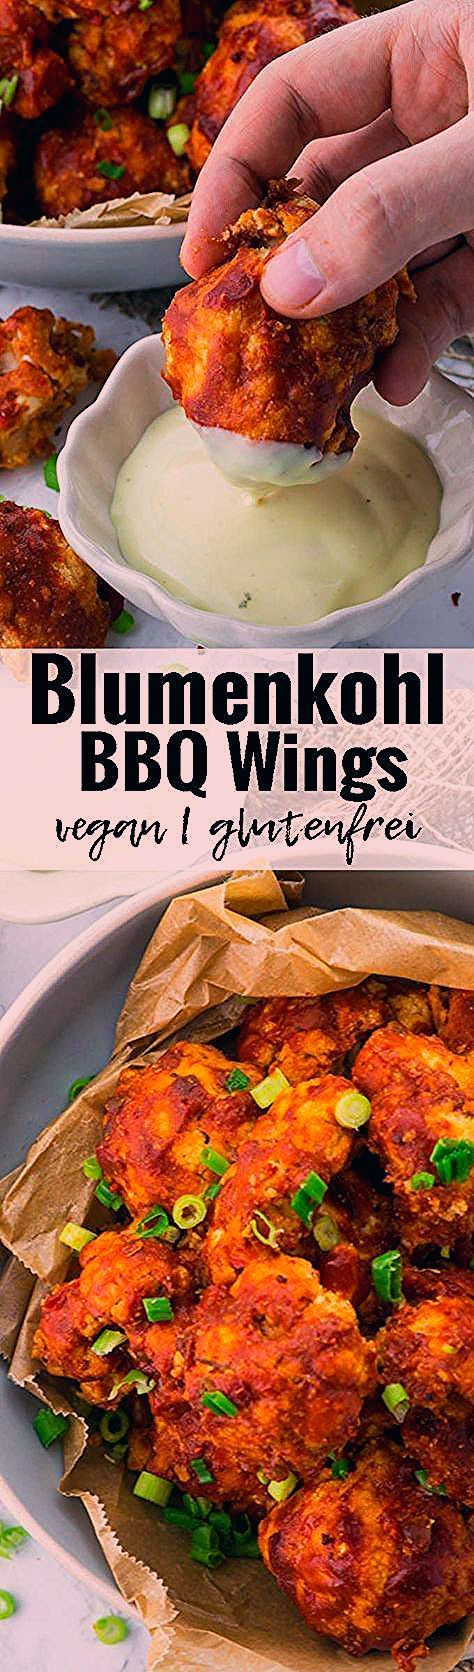 Vegane Chicken Wings aus Blumenkohl. Das perfekte Essen für einen gemütlichen ...,  #aus #Blumenkohl #Chicken #DAS #einen #Essen #für #gemütlichen #gesundessenrezeptenudeln #perfekte #vegane #Wings